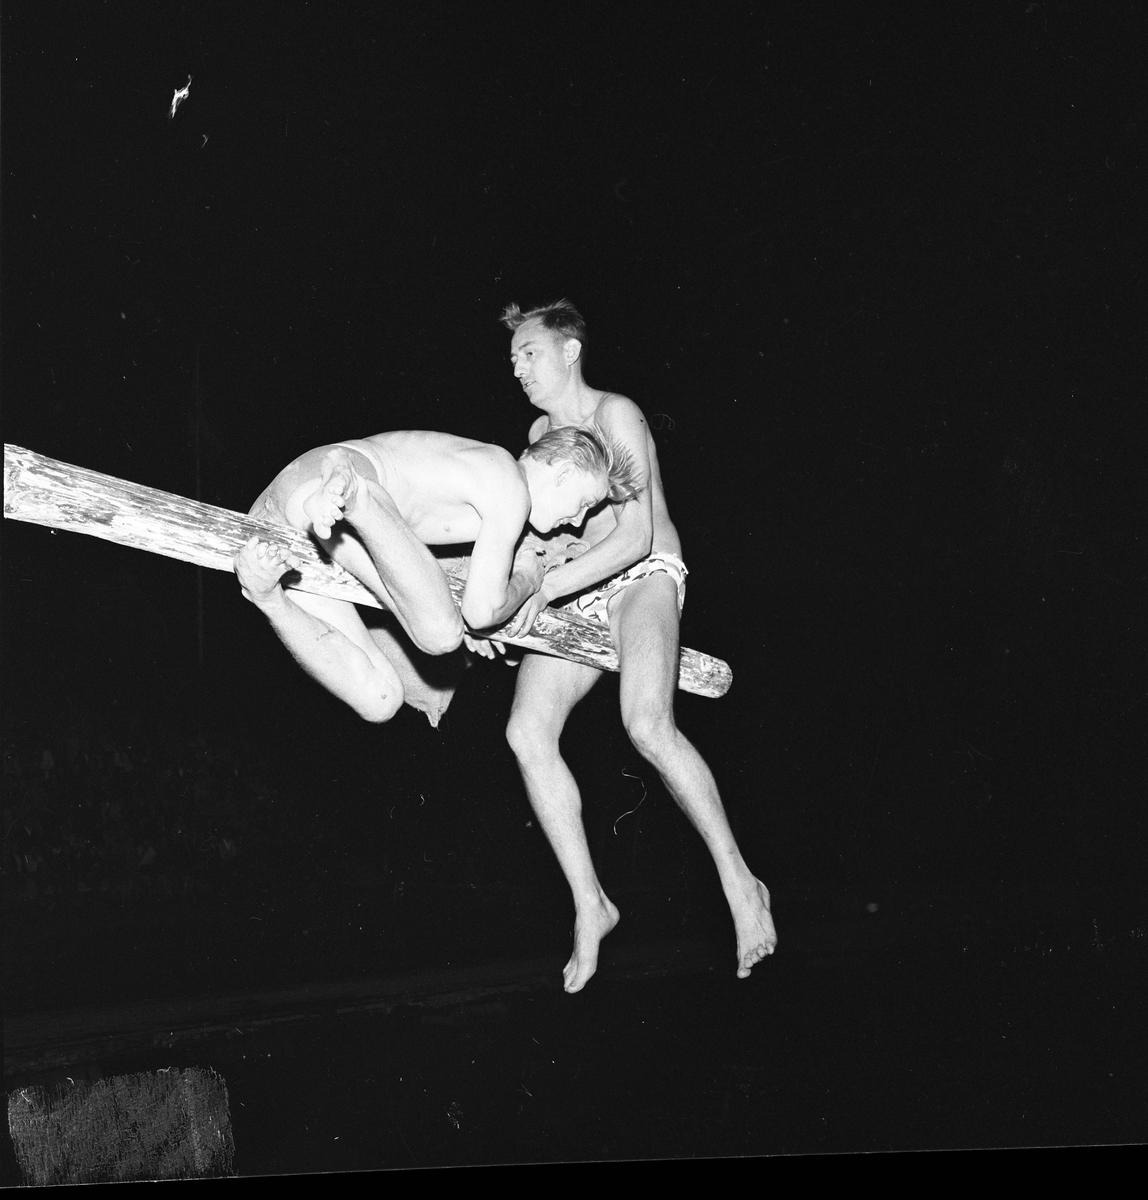 Arboga SimSällskap arrangerar eldfest vid Villagatsbadet Två män, iklädda badbyxor, sitter på en bom / stång över vattnet. De försöker slå ner varandra med var sin säck. I mörkret, nere till vänster, anas publiken.